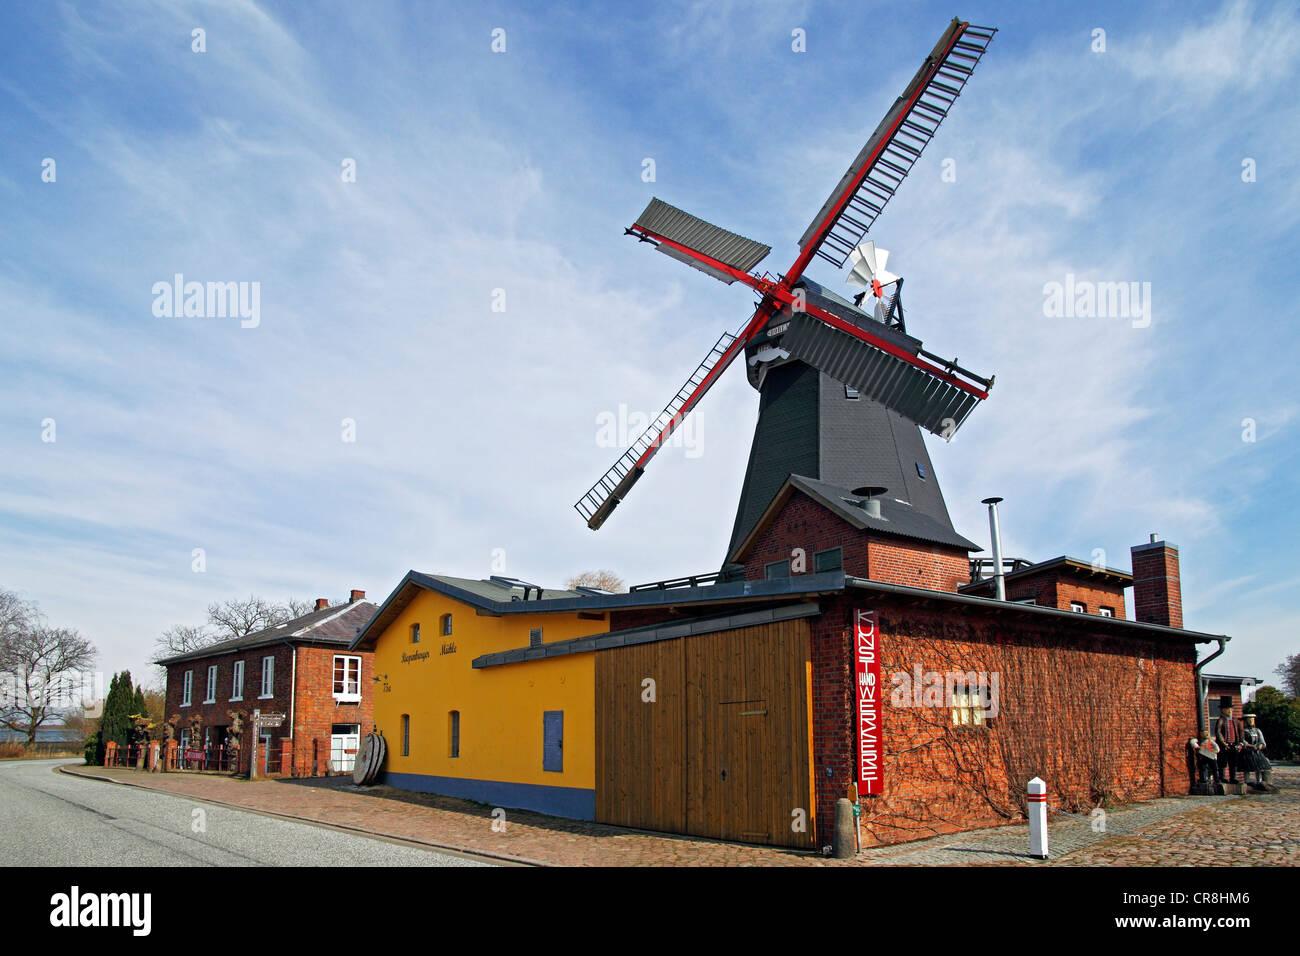 Riepenburger Muehle Boreas windmill in dutch style, Kirchwerder, Vierlande, Vier- und Marschlande, Hamburg, Germany - Stock Image